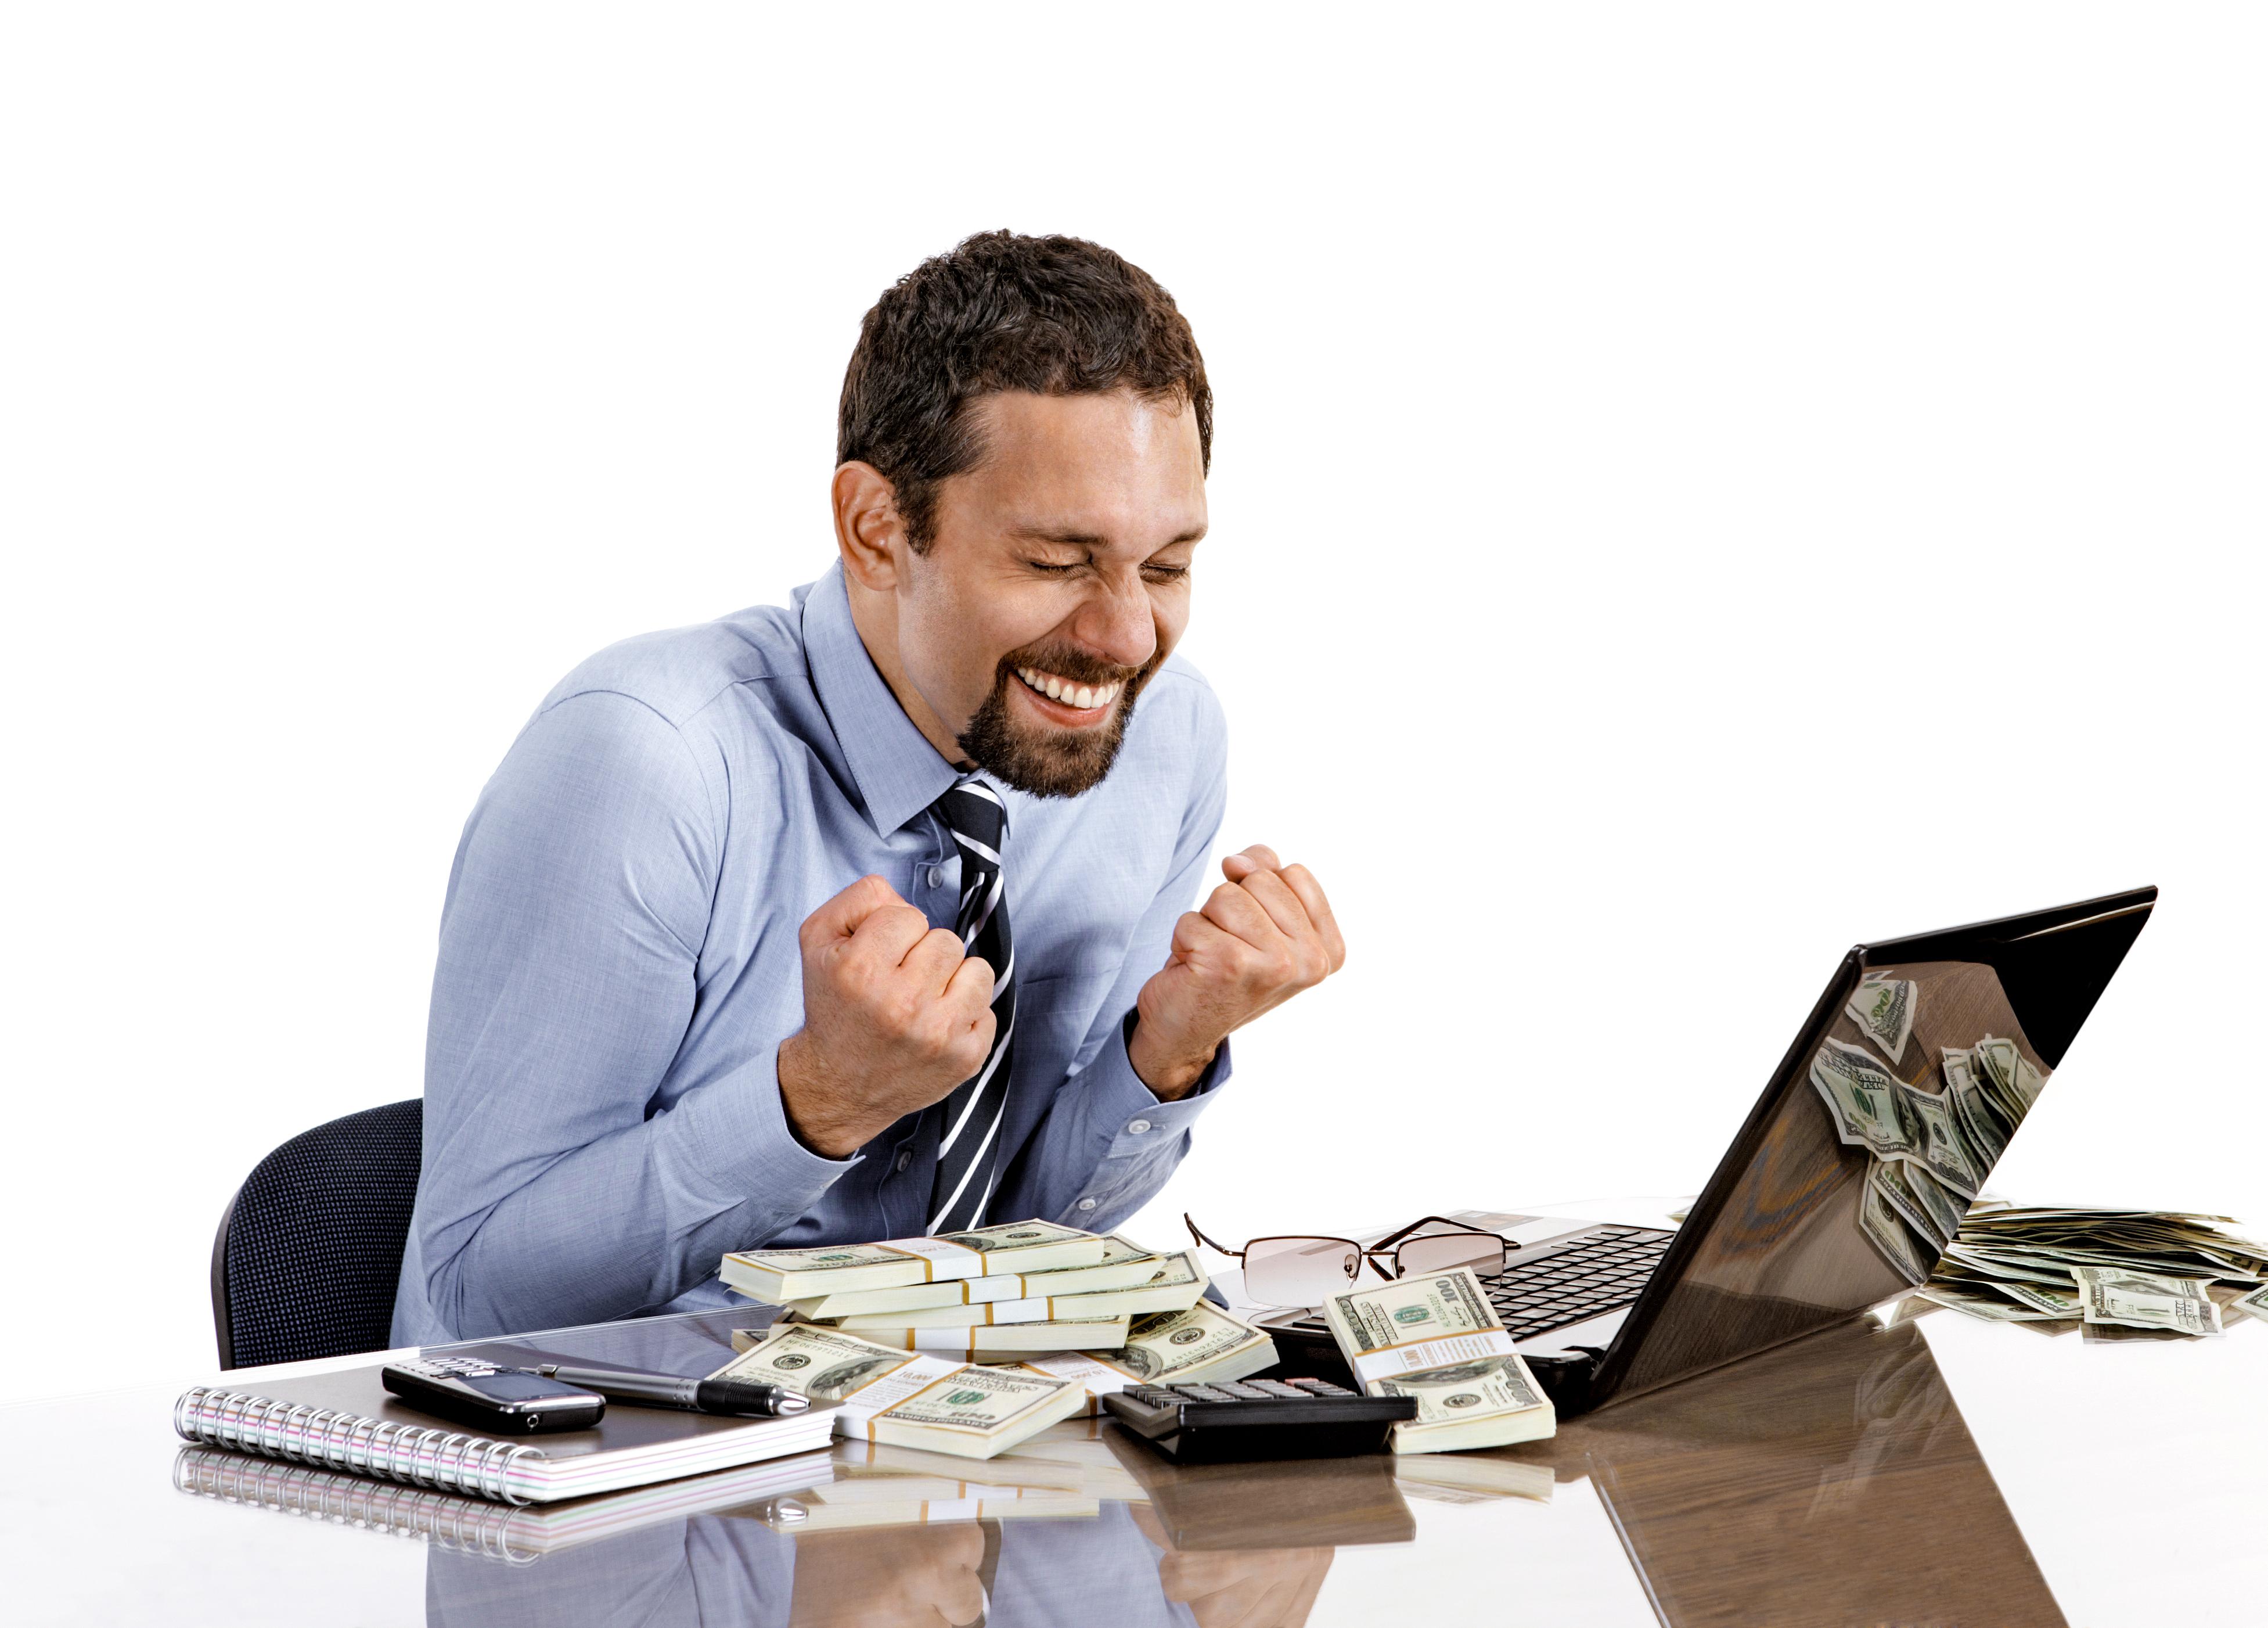 кредит на жилую недвижимостькредит в псб банке калькулятор онлайн